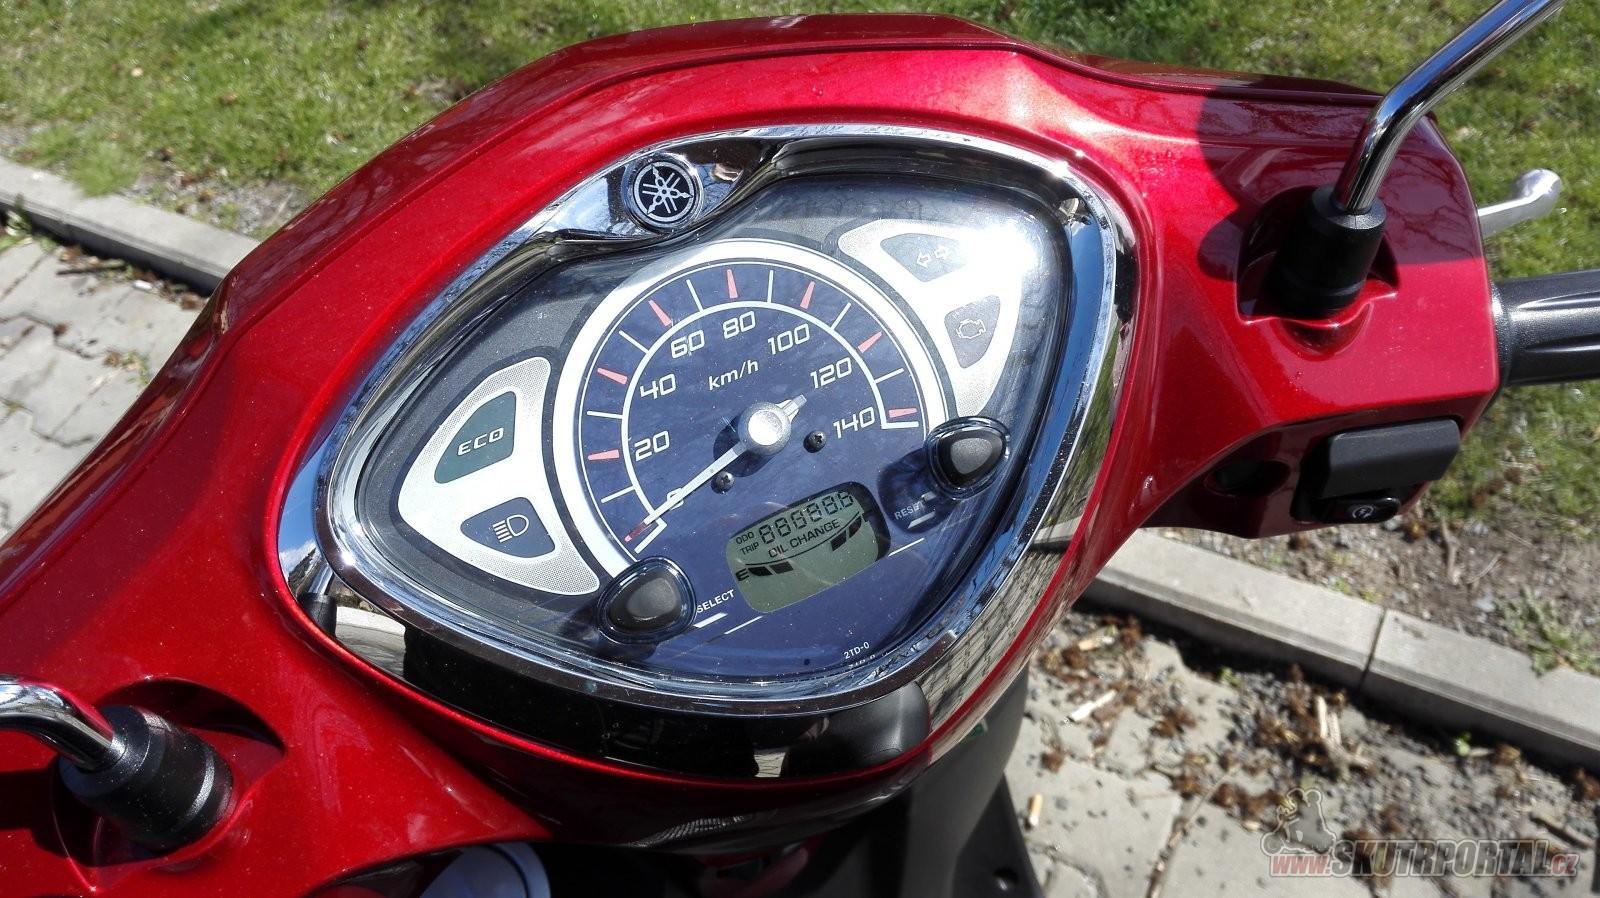 Yamaha D'elight 125 - malý skútr s velkou duší